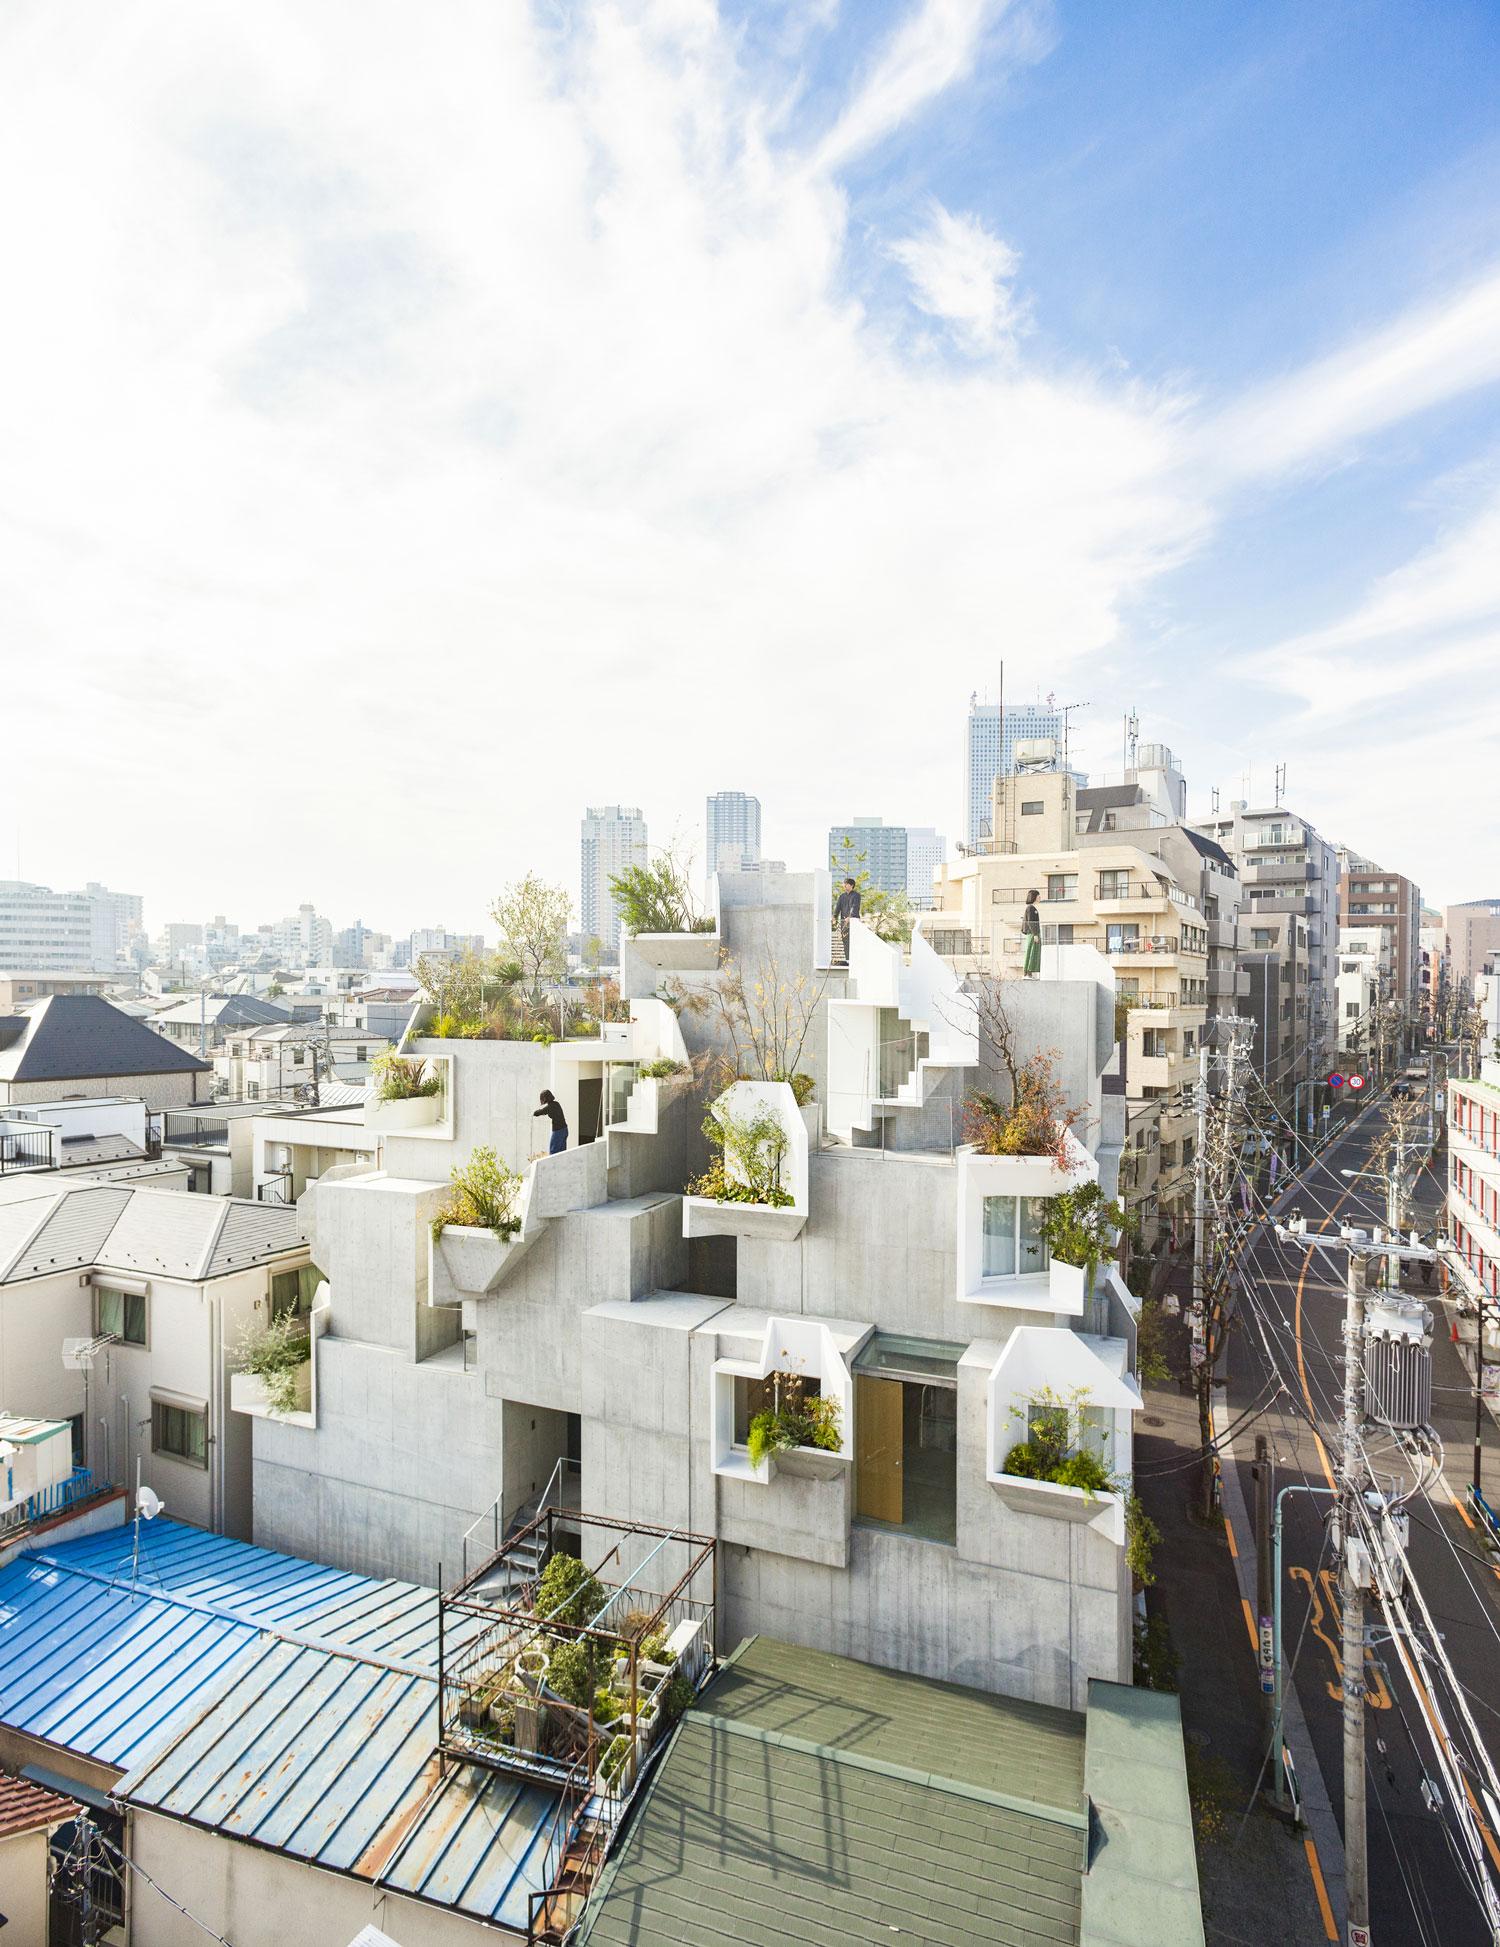 Tree-ness-House-Toshima-Japan-by-Akihisa-Hirata-Yellowtrace-02.jpg